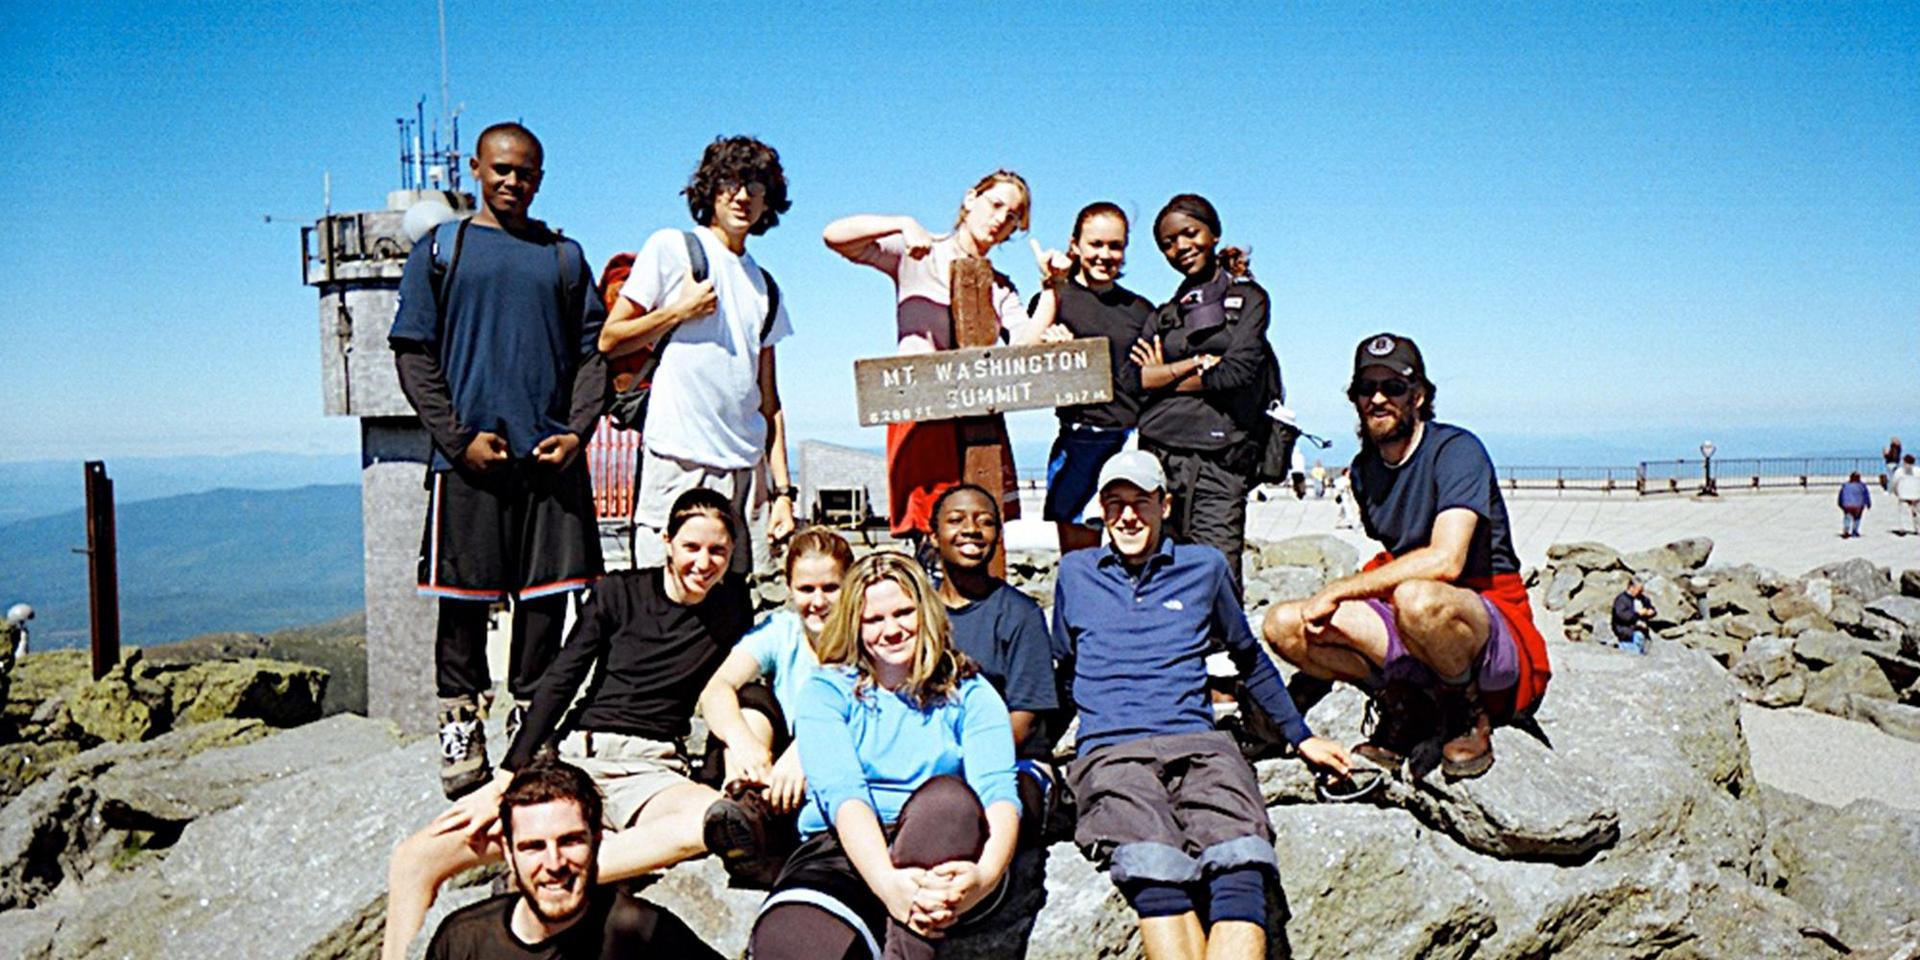 山顶上的一群学生. 华盛顿.